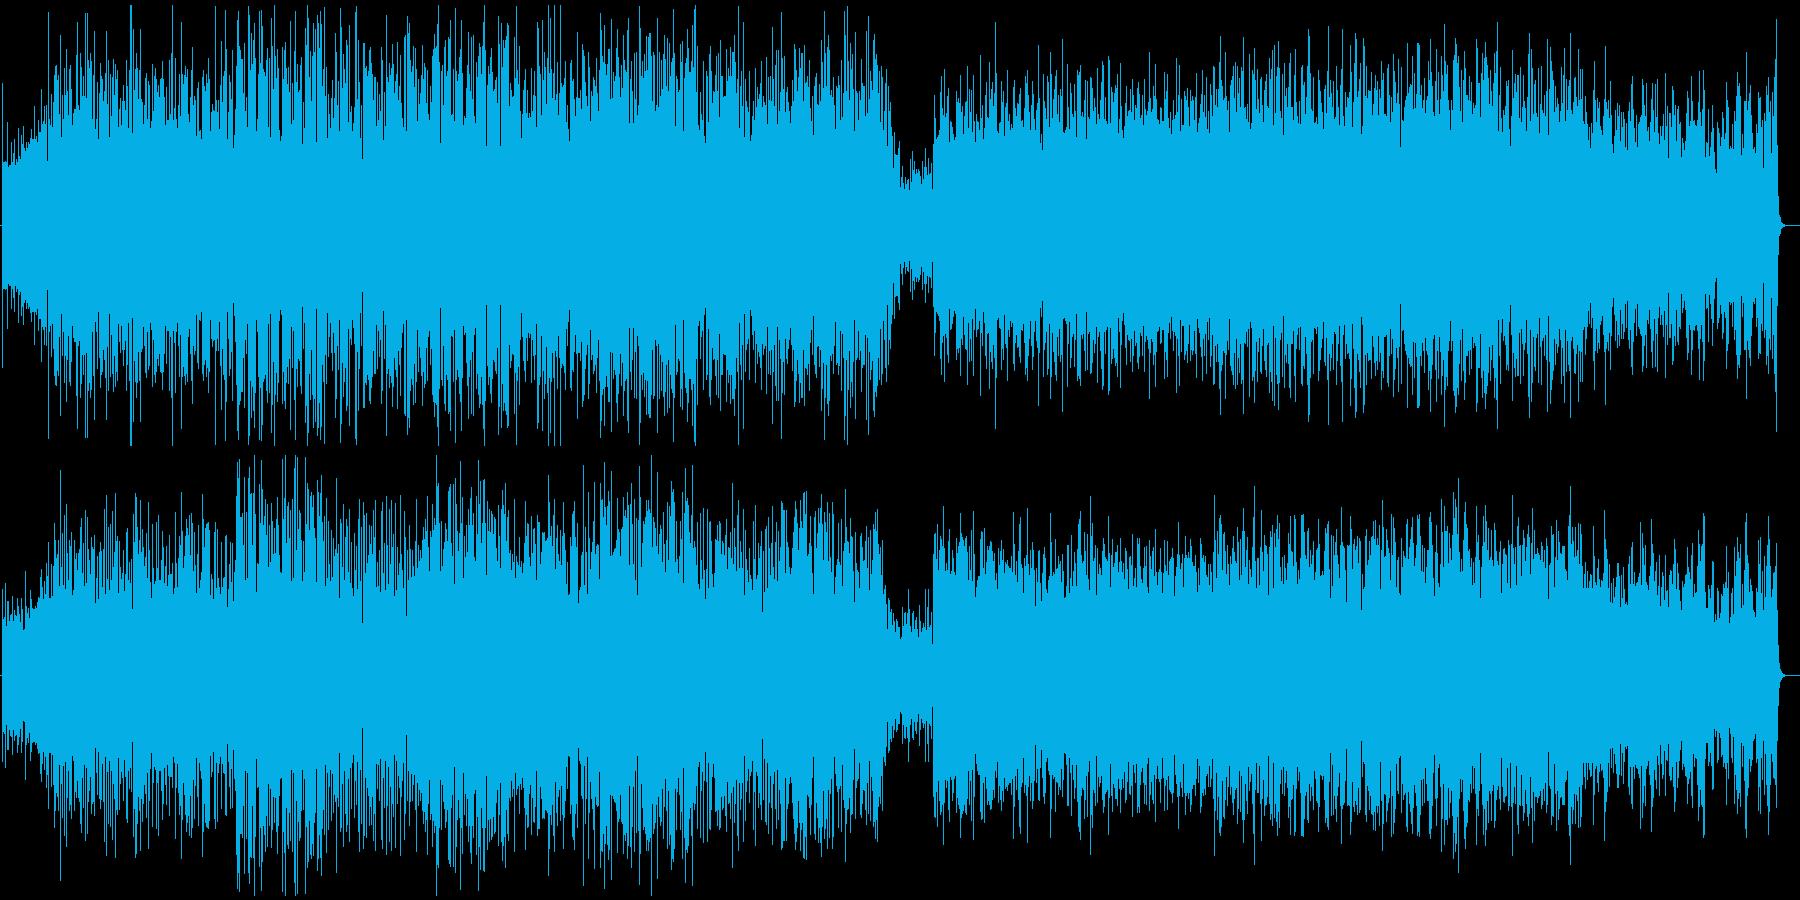 アイリッシュ・ケルト・民族音楽の再生済みの波形